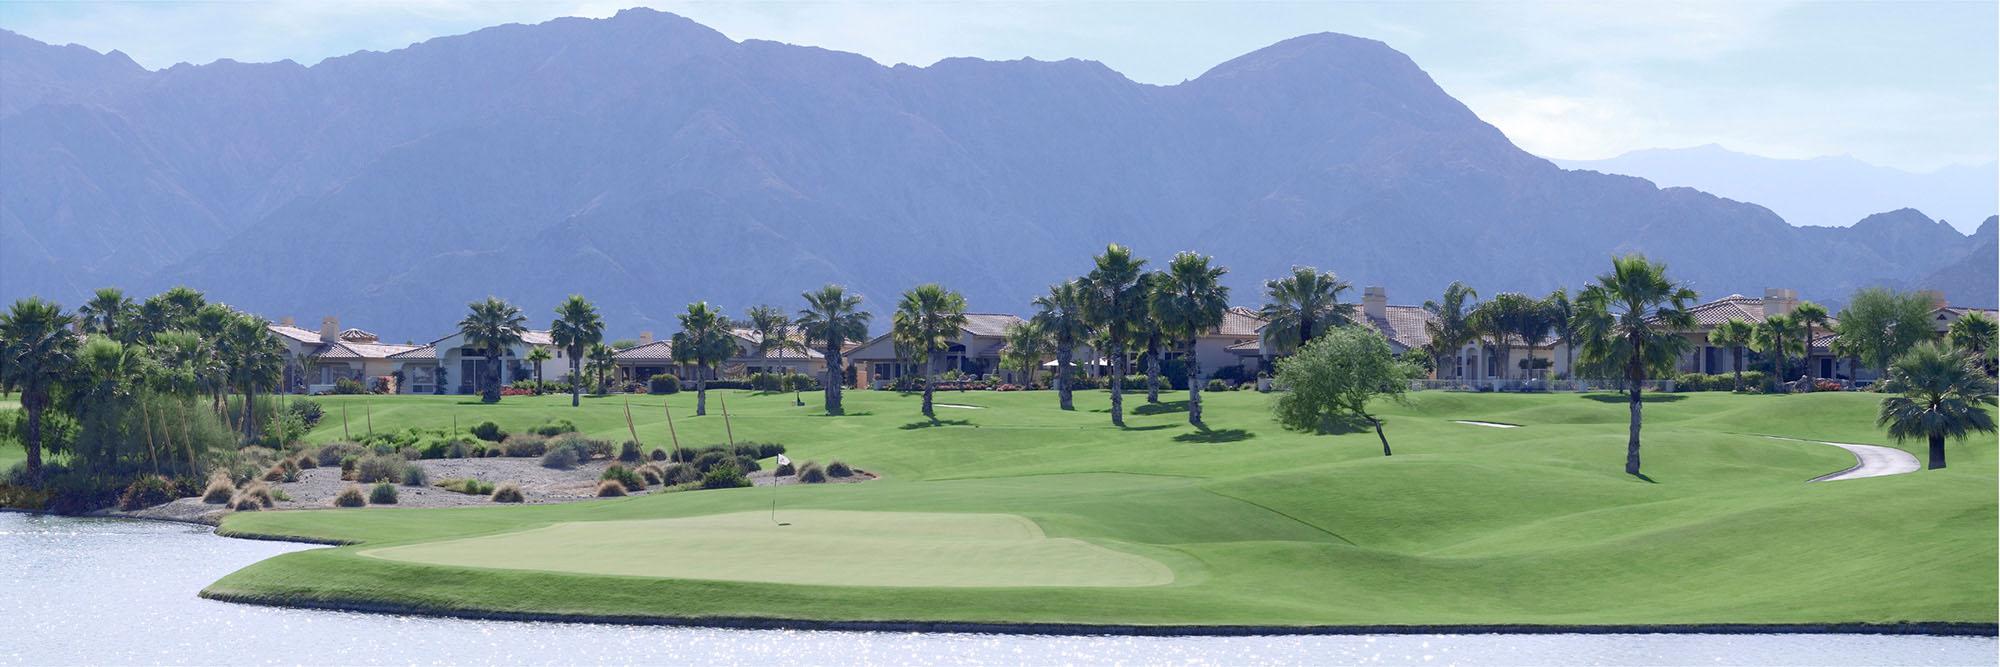 Golf Course Image - Rancho La Quinta Pate No. 6